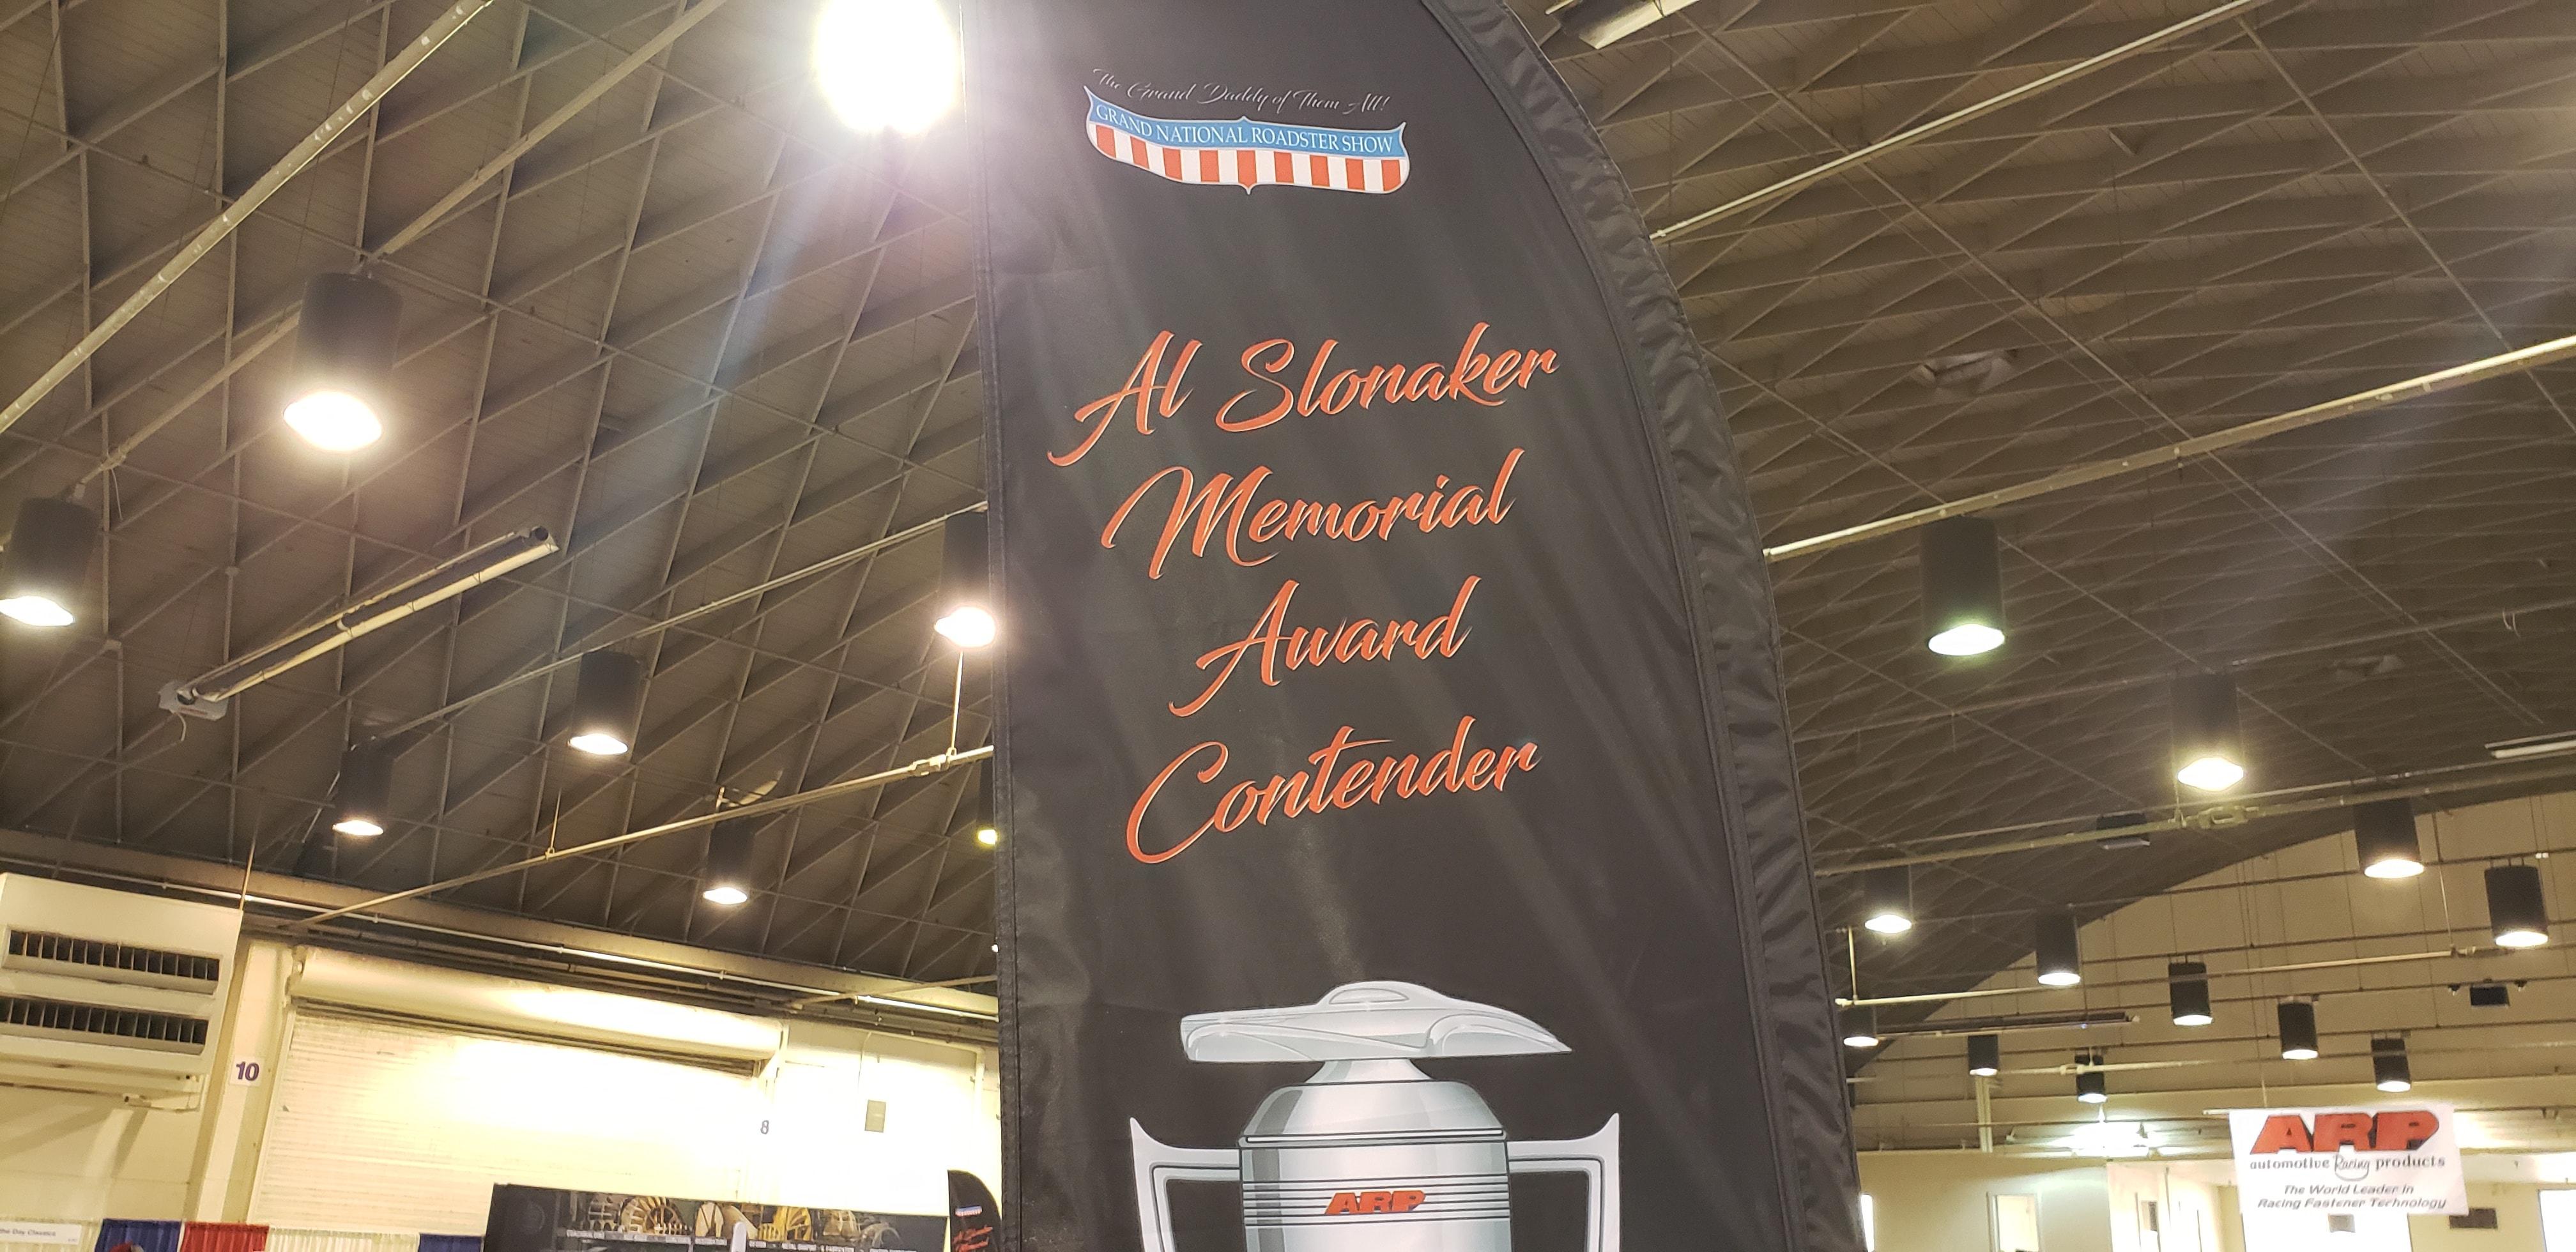 Al Slonaker Memorial Contenders